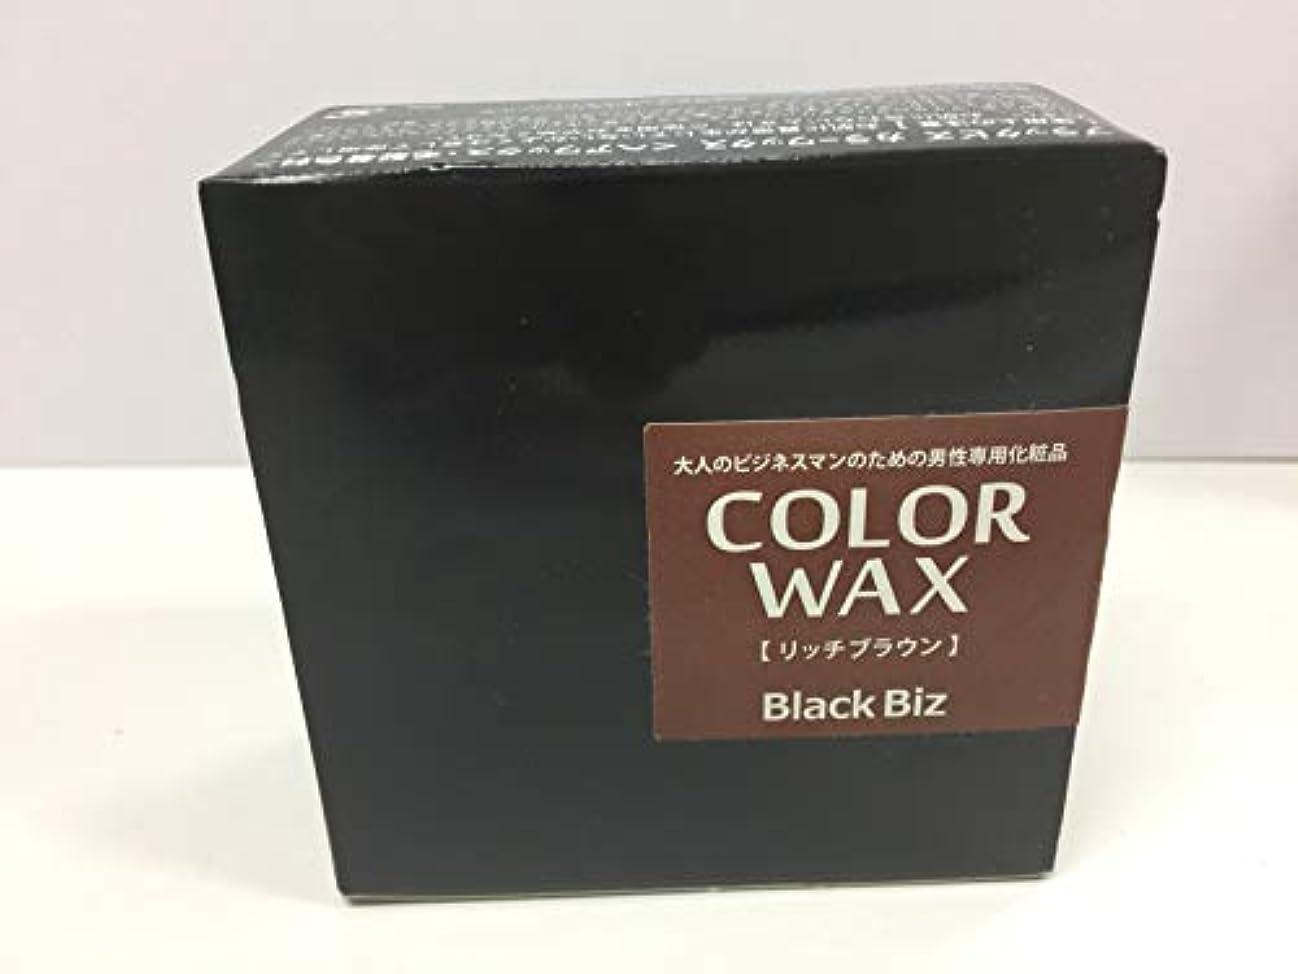 雨限り寮大人のビジネスマンのための男性専用化粧品 BlackBiz COLOR WAX ブラックビズ カラーワックス 【リッチブラウン】